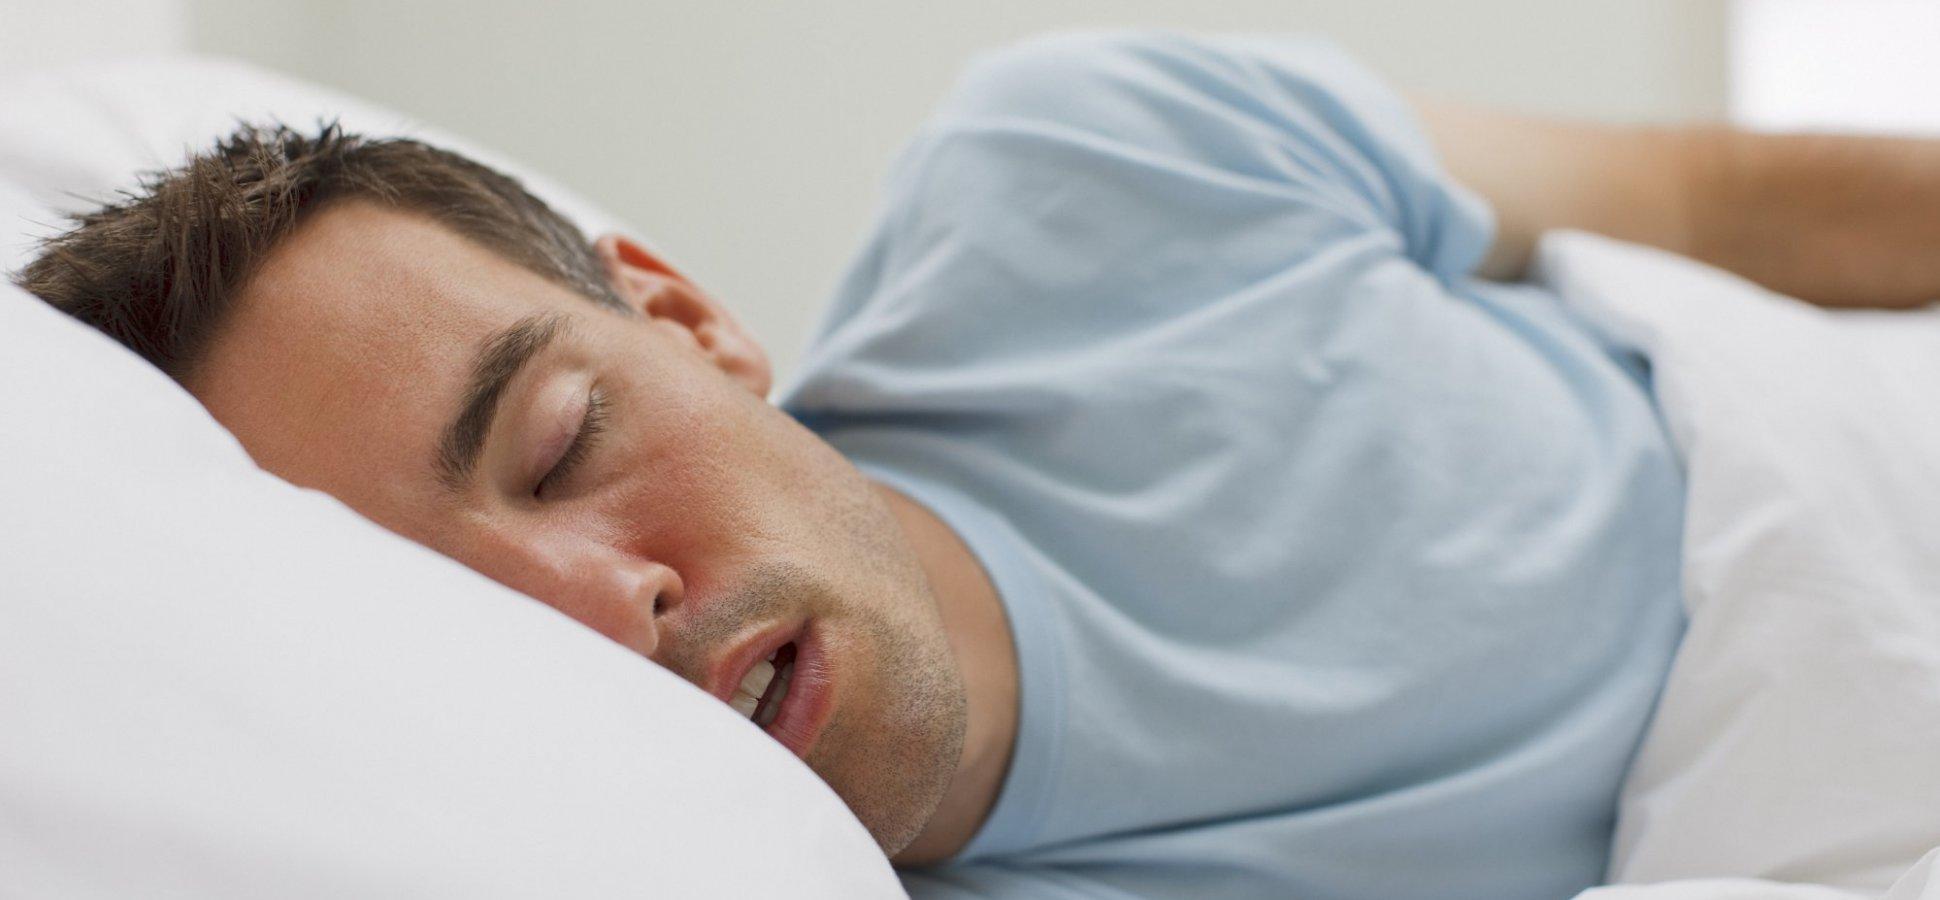 16-минутный недосып может помешать выполнить работу на следующий день